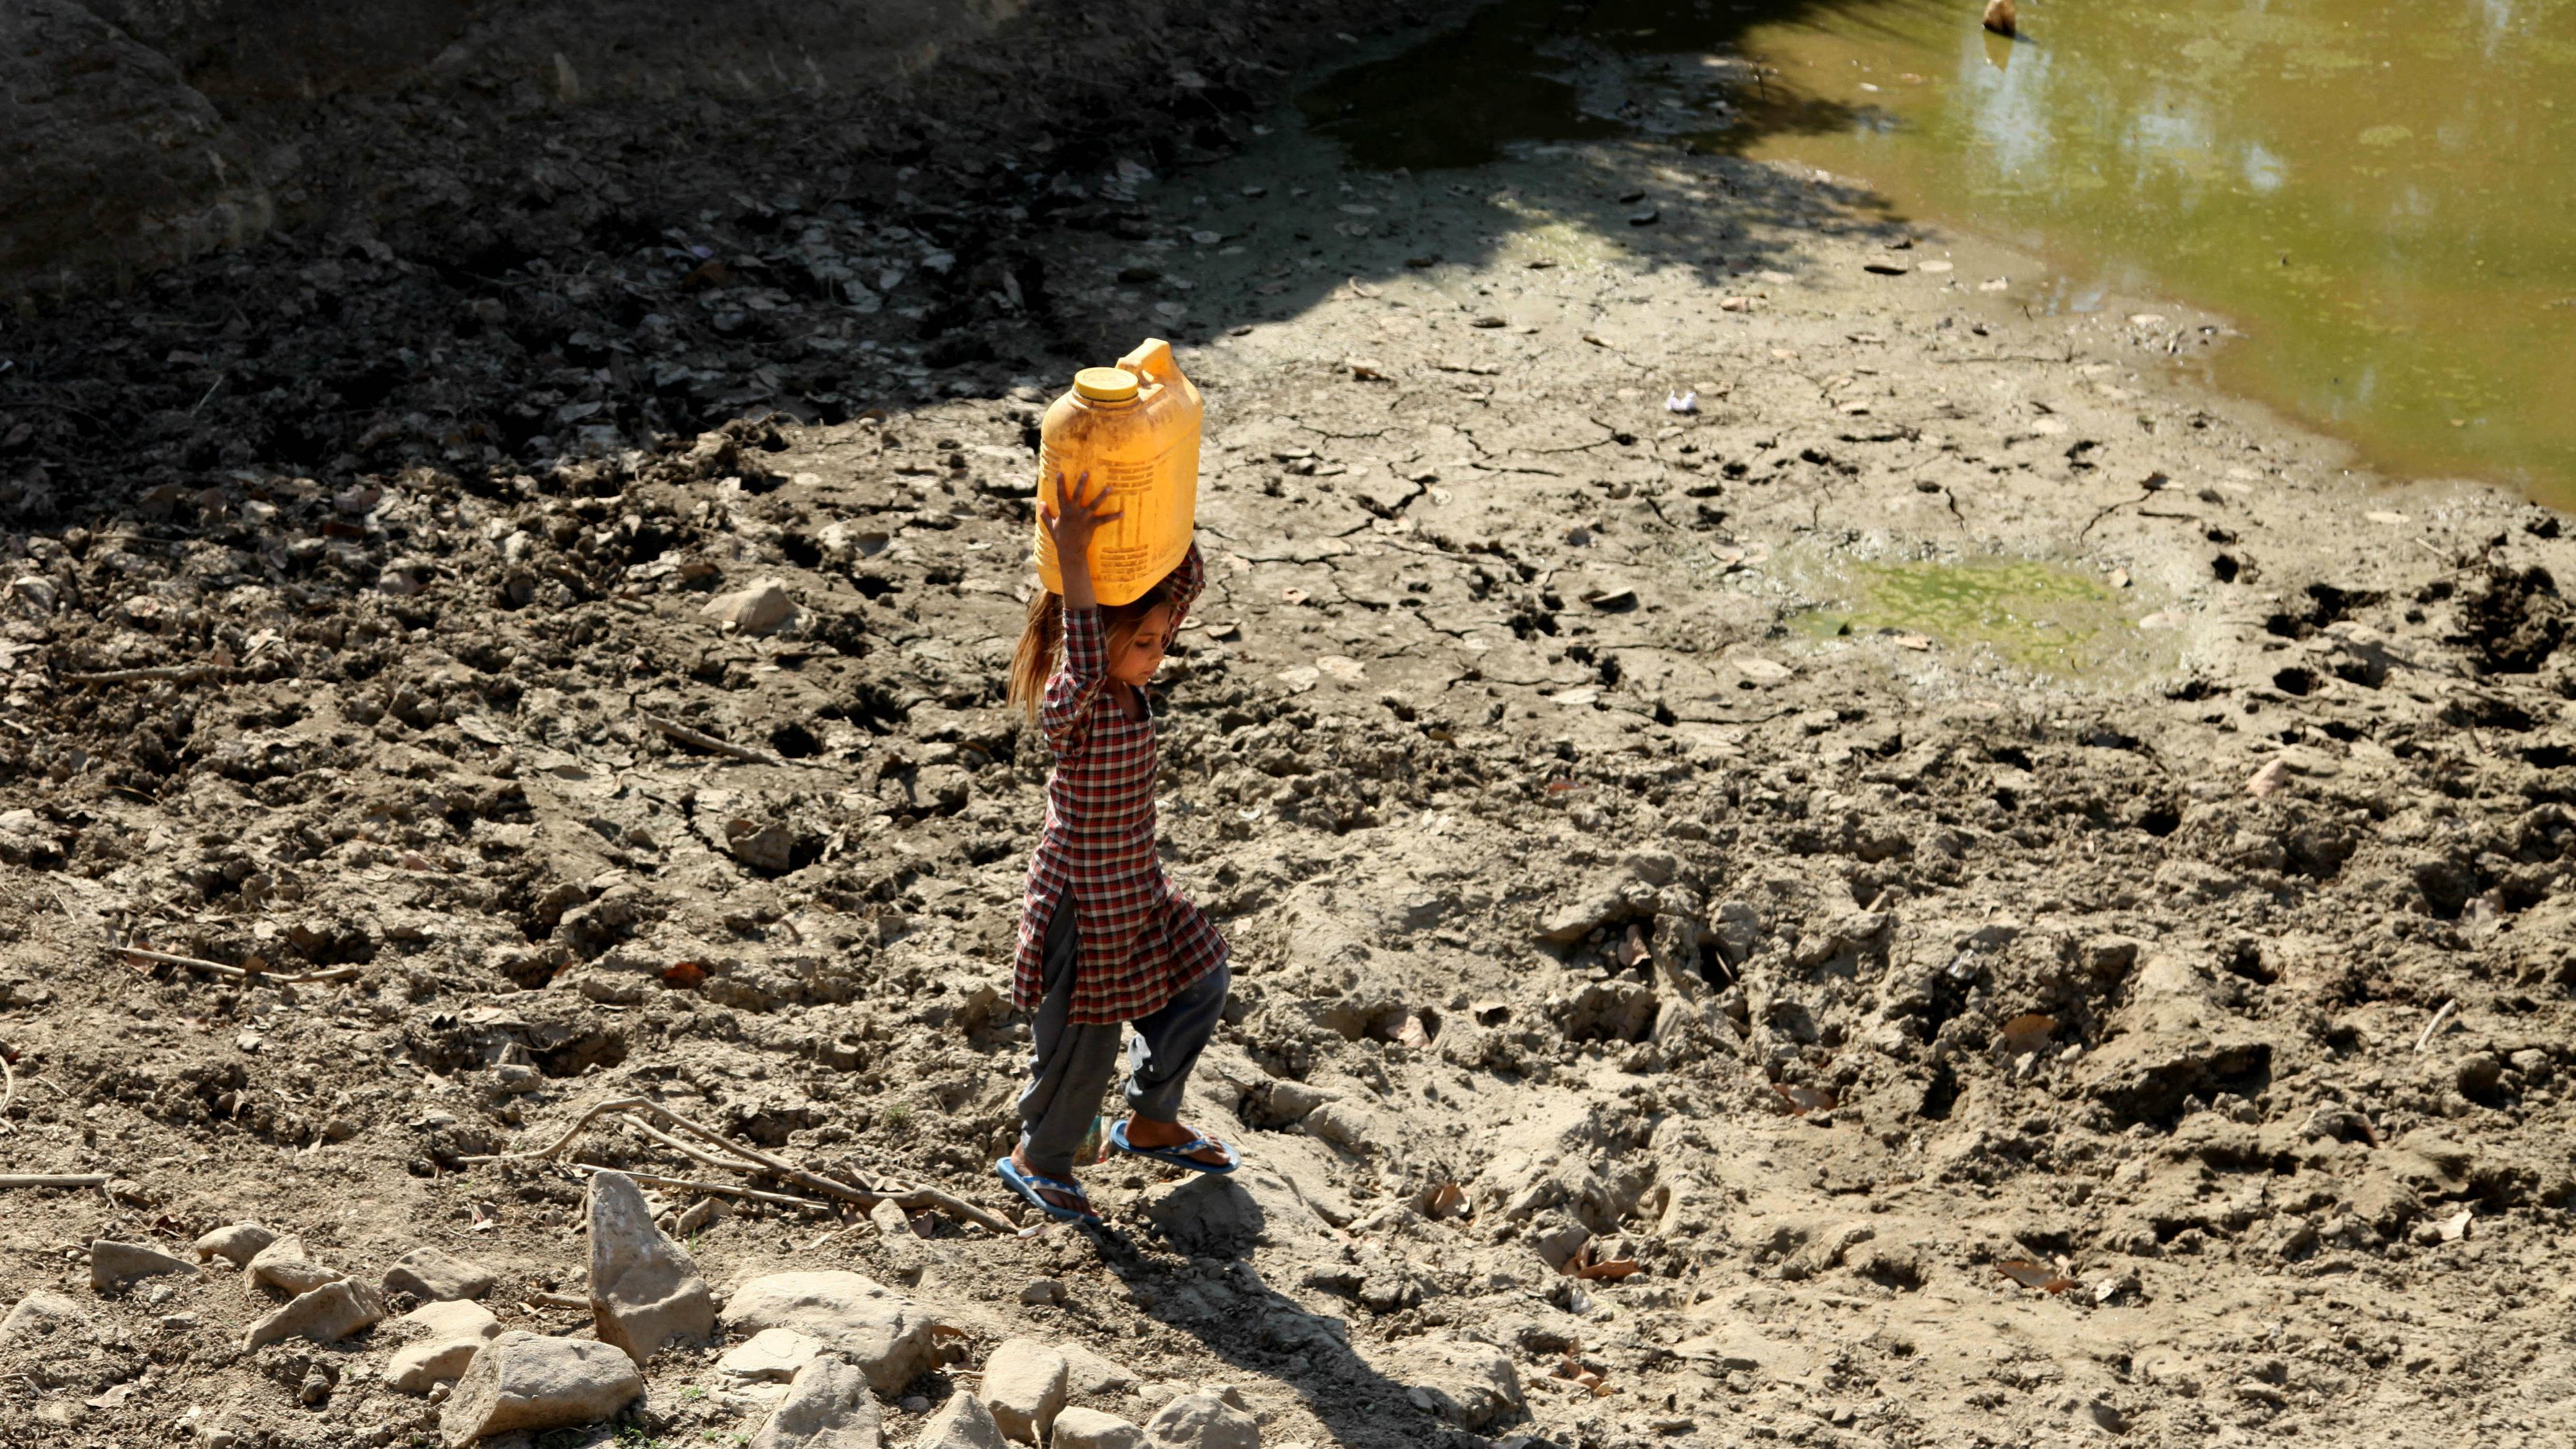 Αποτέλεσμα εικόνας για water scarcity india